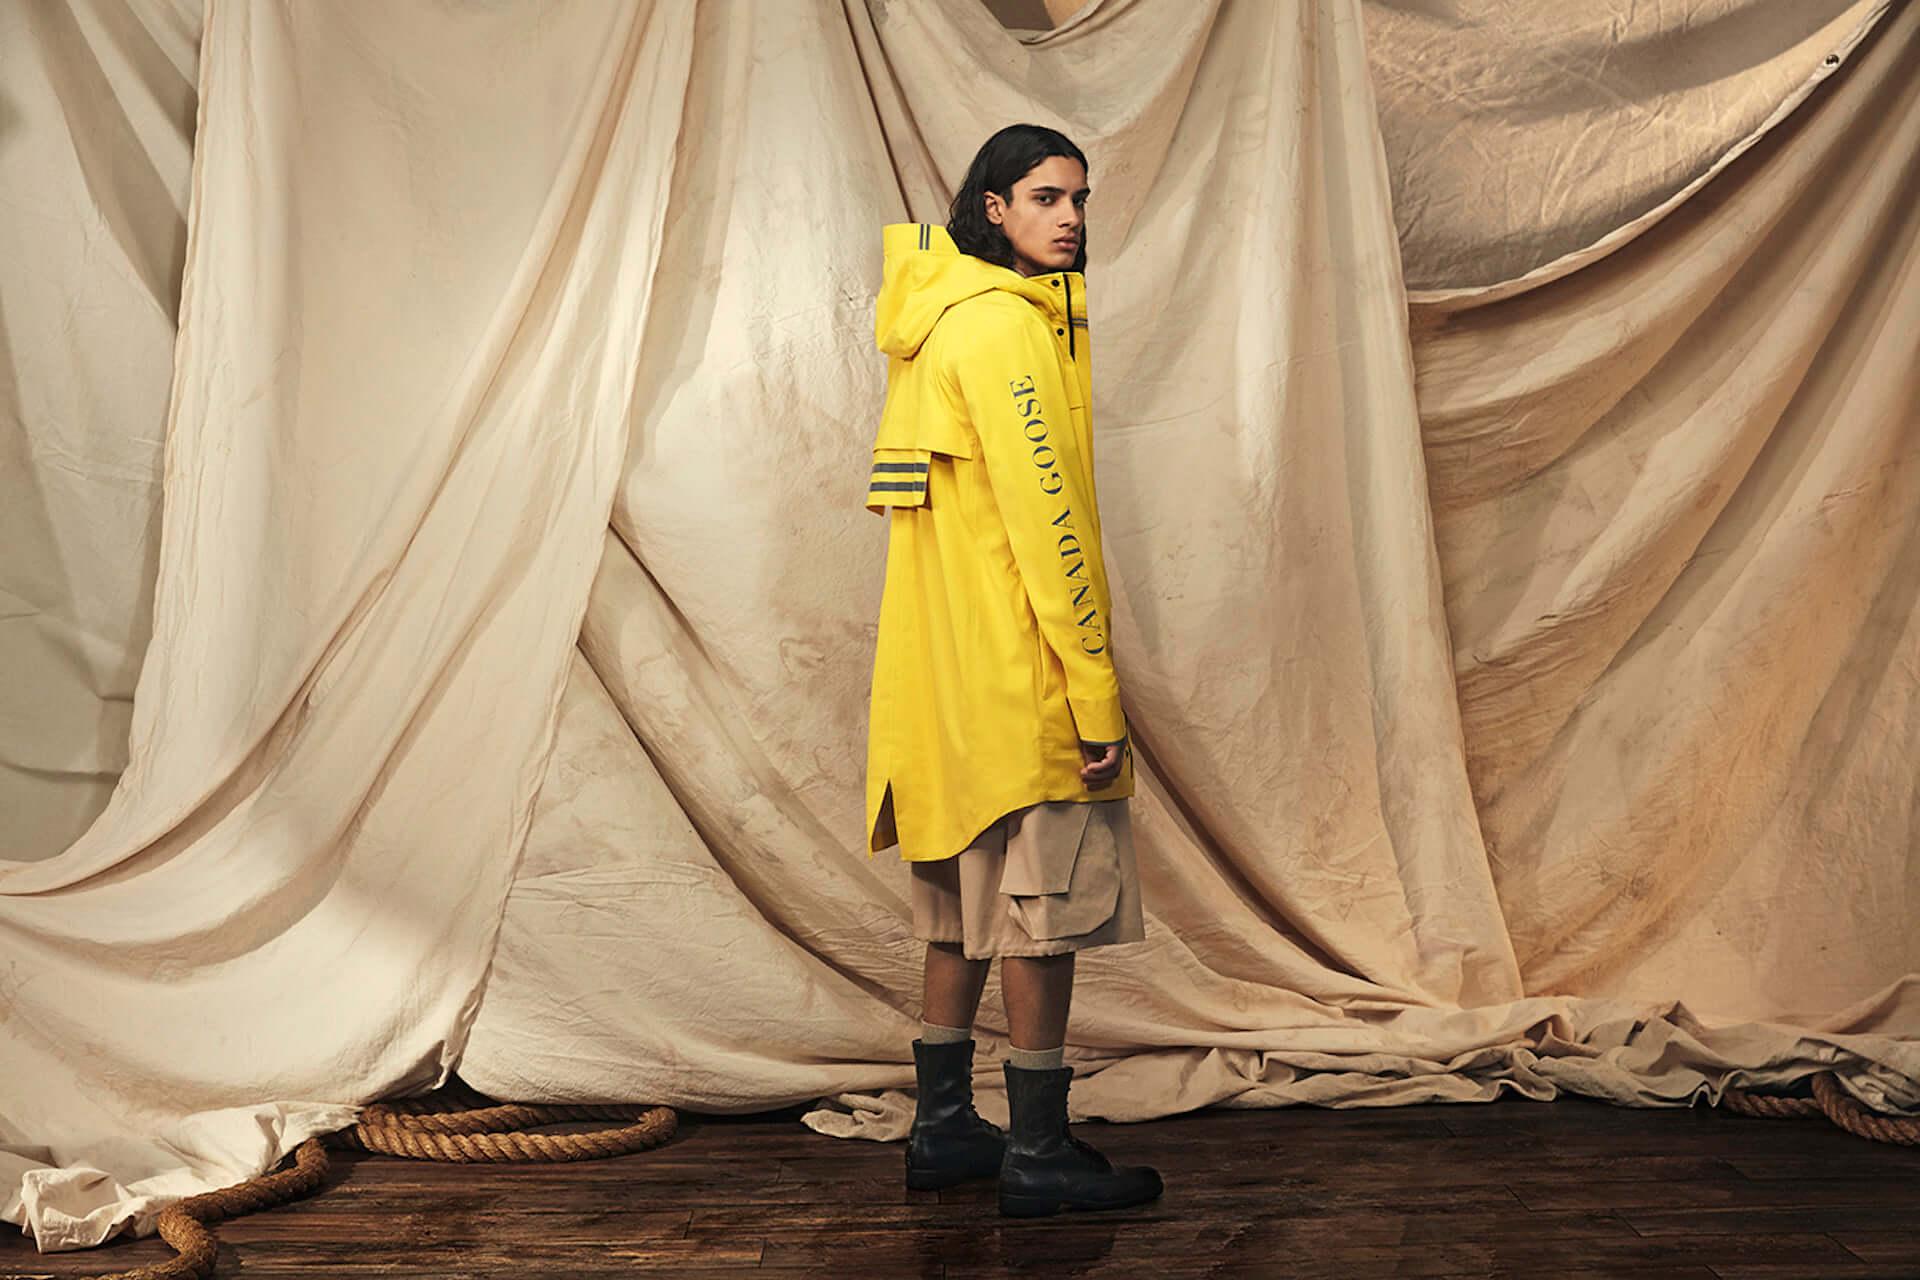 カナダグースの2020年春コレクションにイエローのレインウェアが登場!急な雨にも対応するポンチョ&ジャケット lf200417_-canadagoose_3-1920x1280